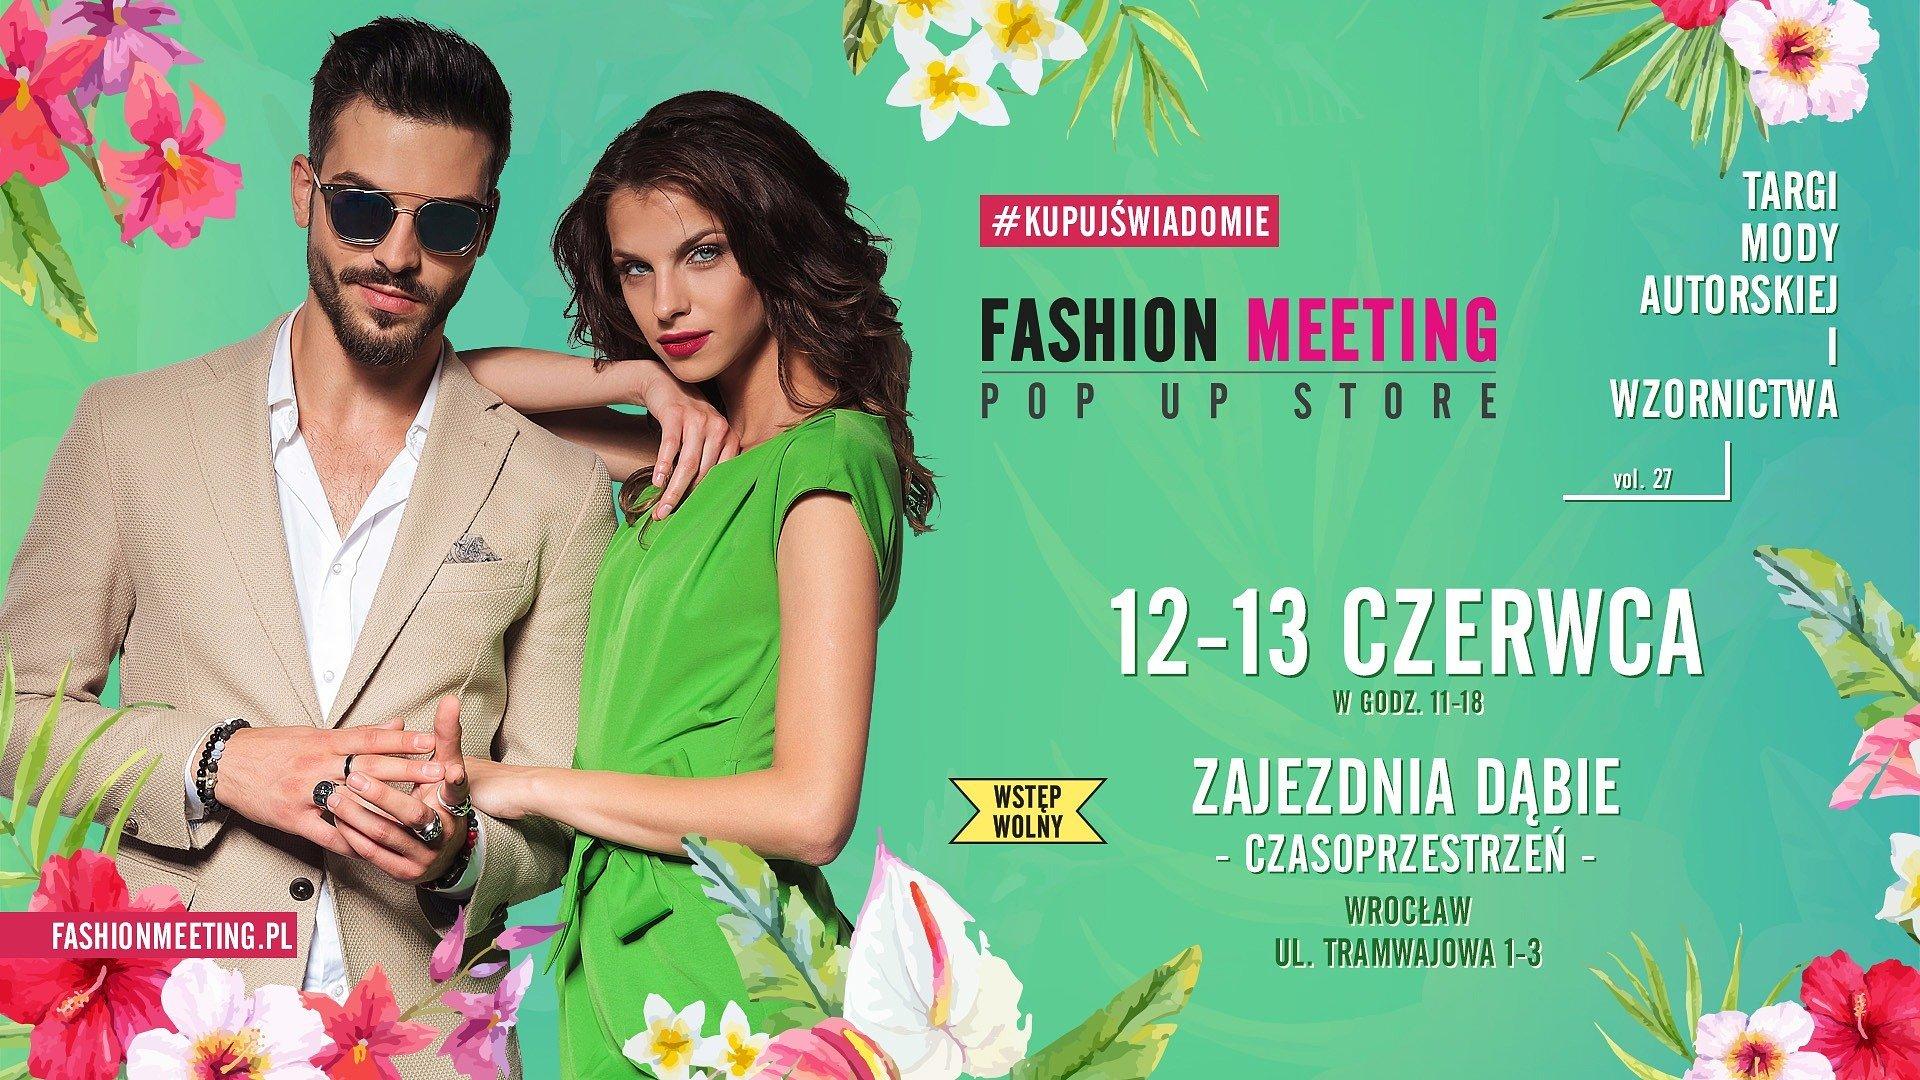 Fashion Meeting powraca! Targi mody autorskiej i wzornictwa już w ten weekend w Czasoprzestrzeni